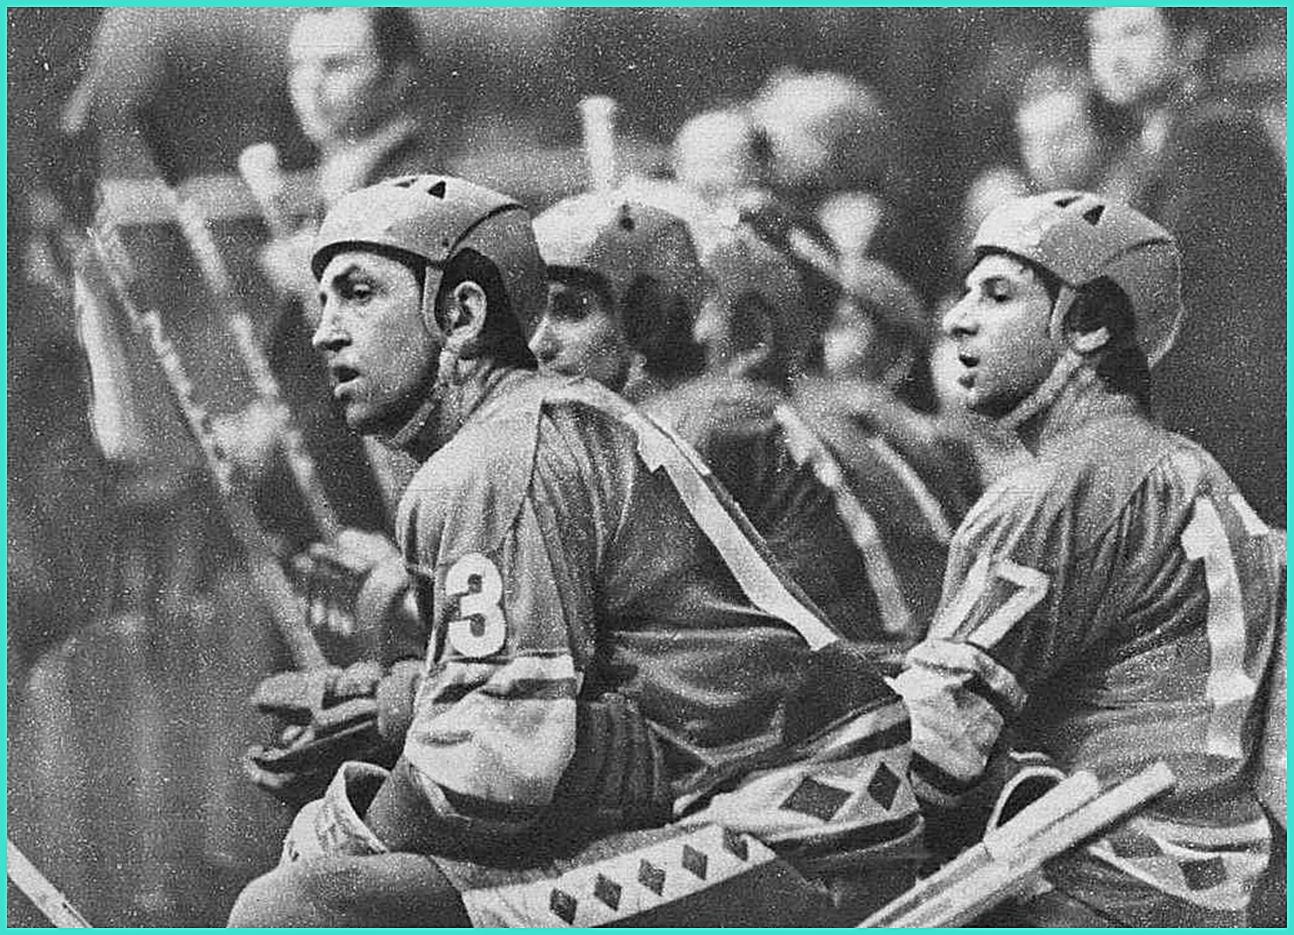 ЧМ -1978 год,  Борис Михайлов, Зинэтула Билялетдинов и Валерий Харламов.jpg